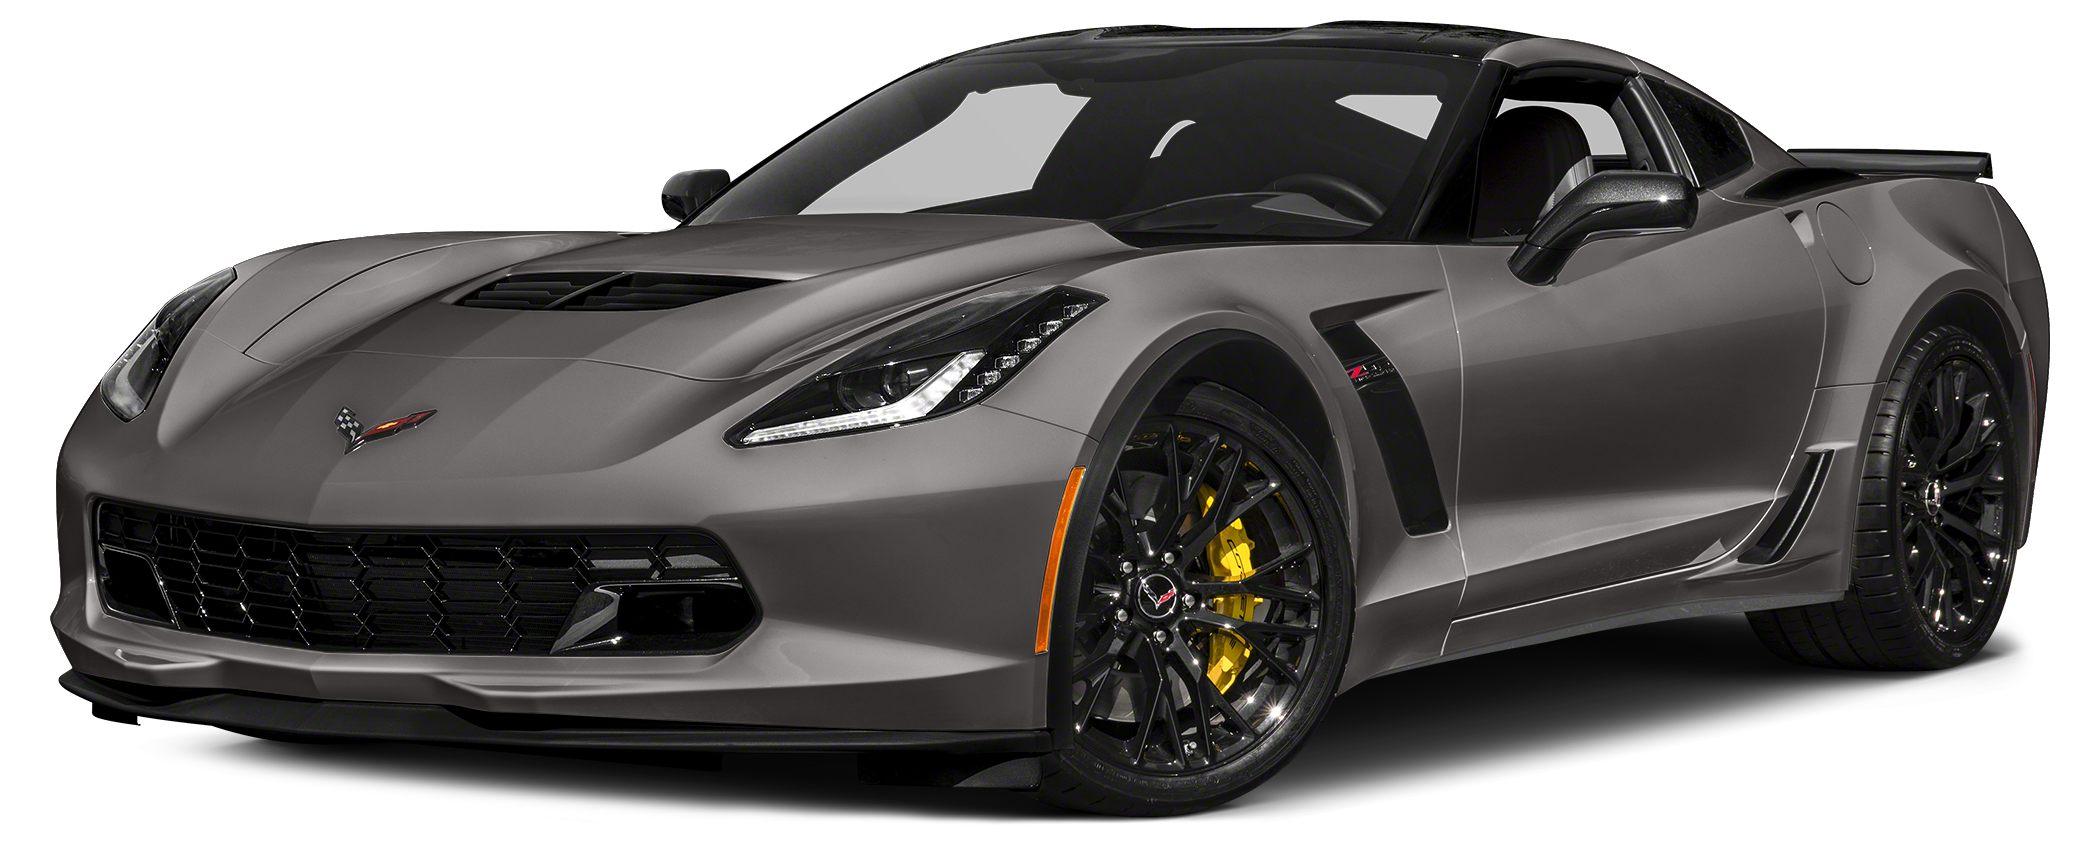 2015 Chevrolet Corvette Z06 Miles 0Color Shark Gray Metallic Stock CO5063 VIN 1G1YU2D6XF5603